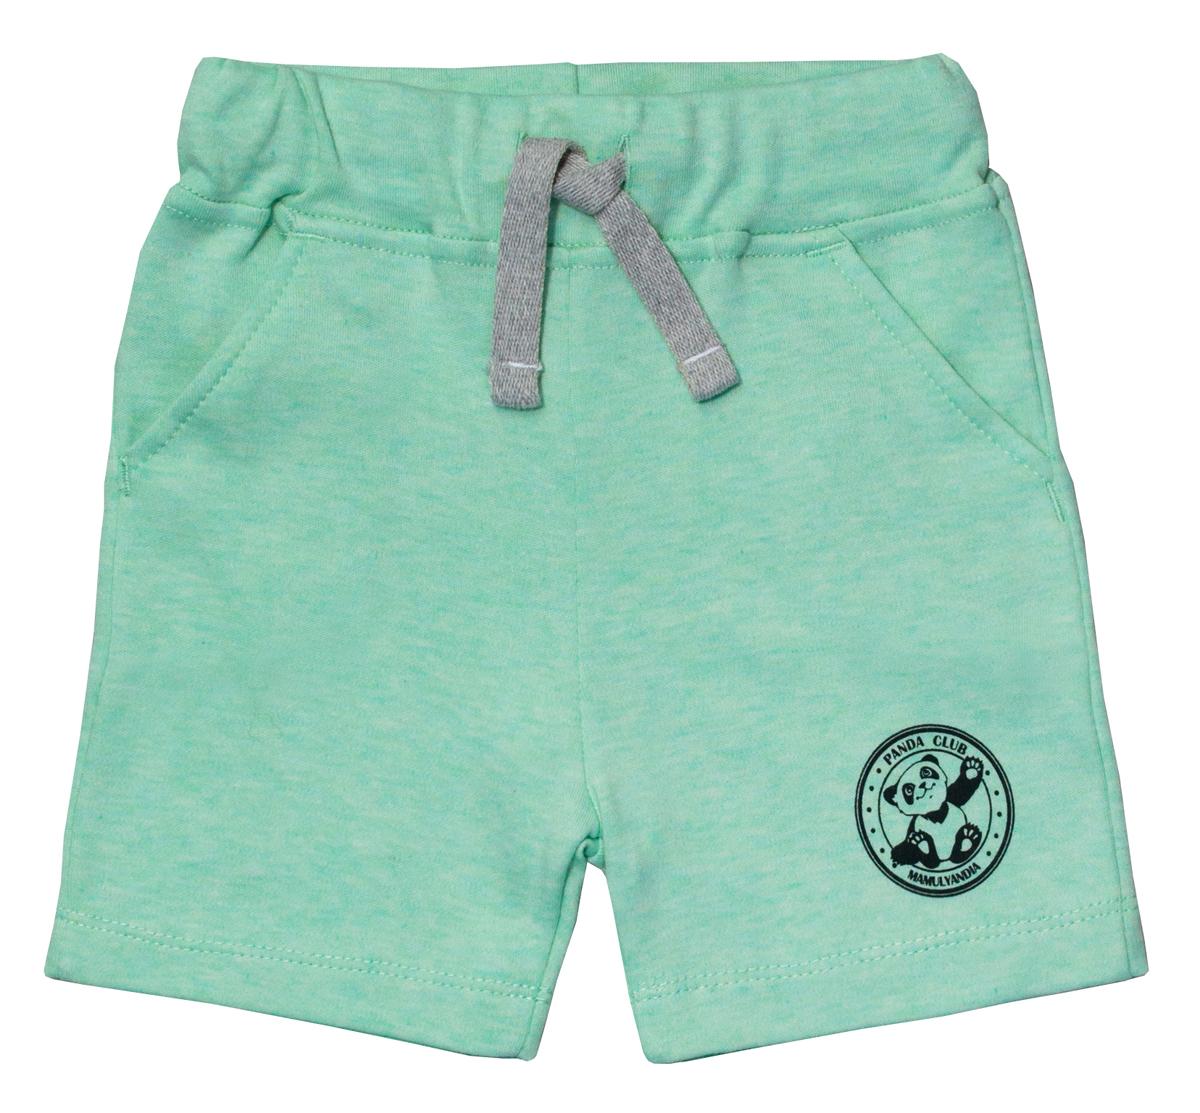 Шорты для мальчика Мамуляндия Панда, цвет: зеленый. 17-907. Размер 8017-907Детские шорты Мамуляндия Панда выполнены из натурального хлопка. Модель дополнена широким поясом с кулиской и двумя боковыми карманами.